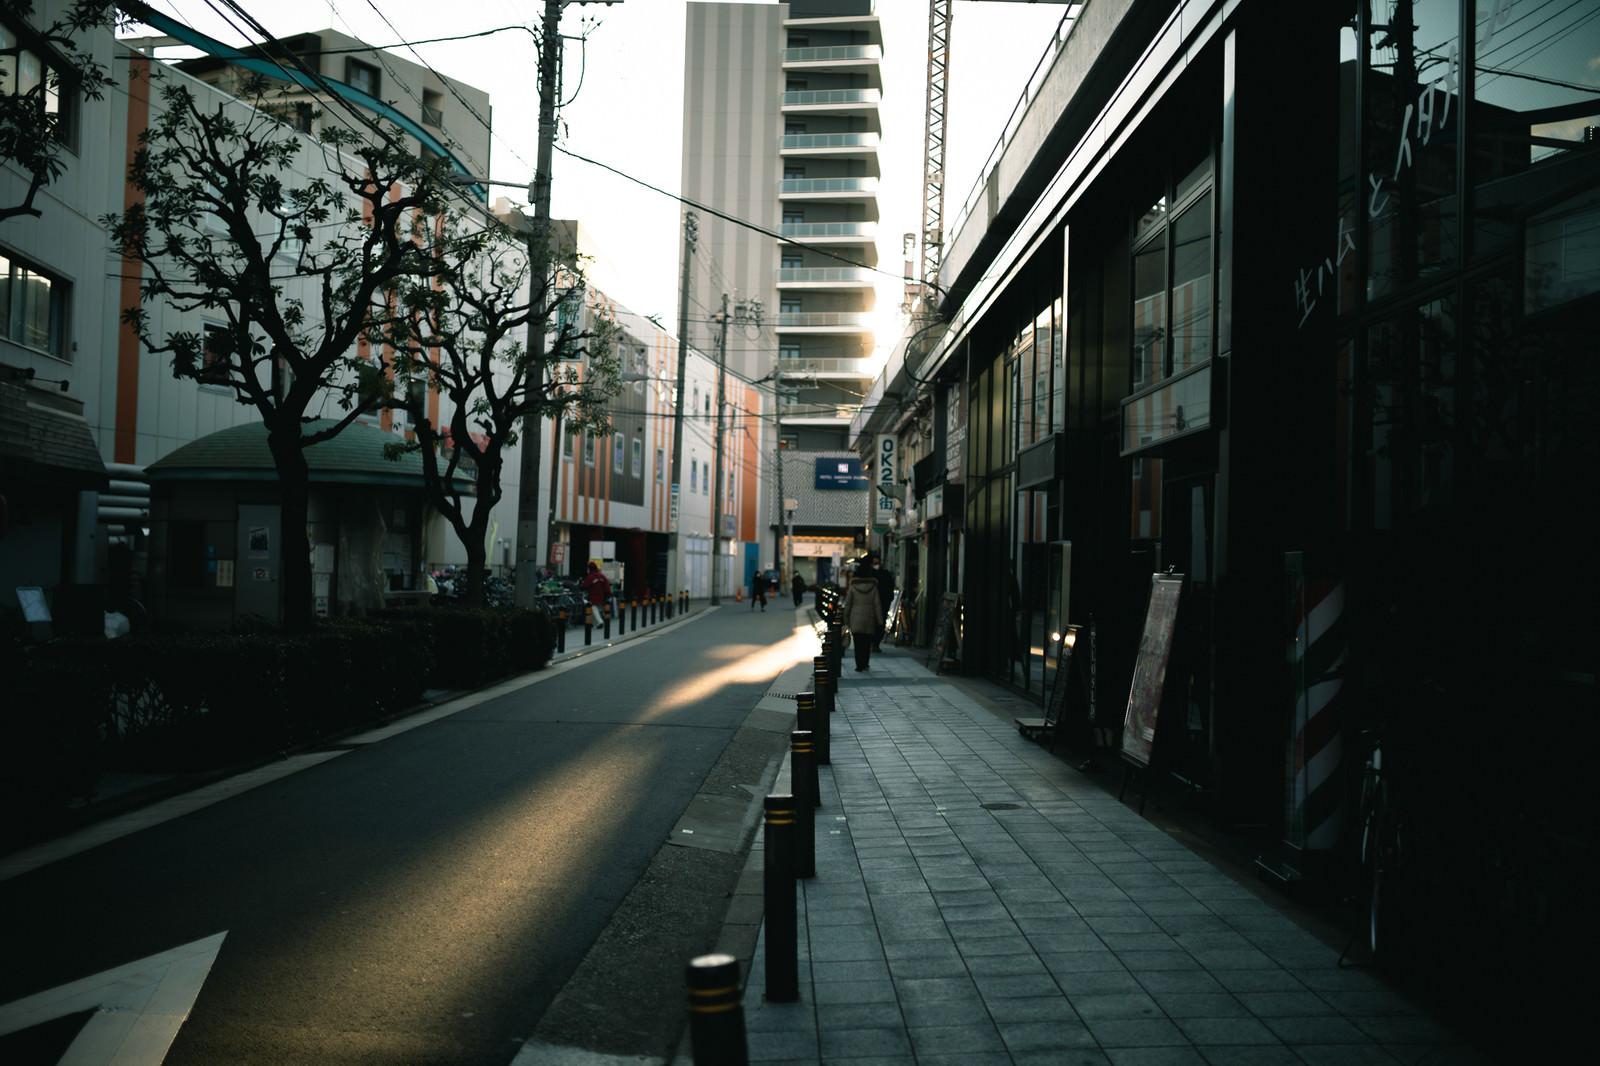 「路地に並ぶ店舗」の写真